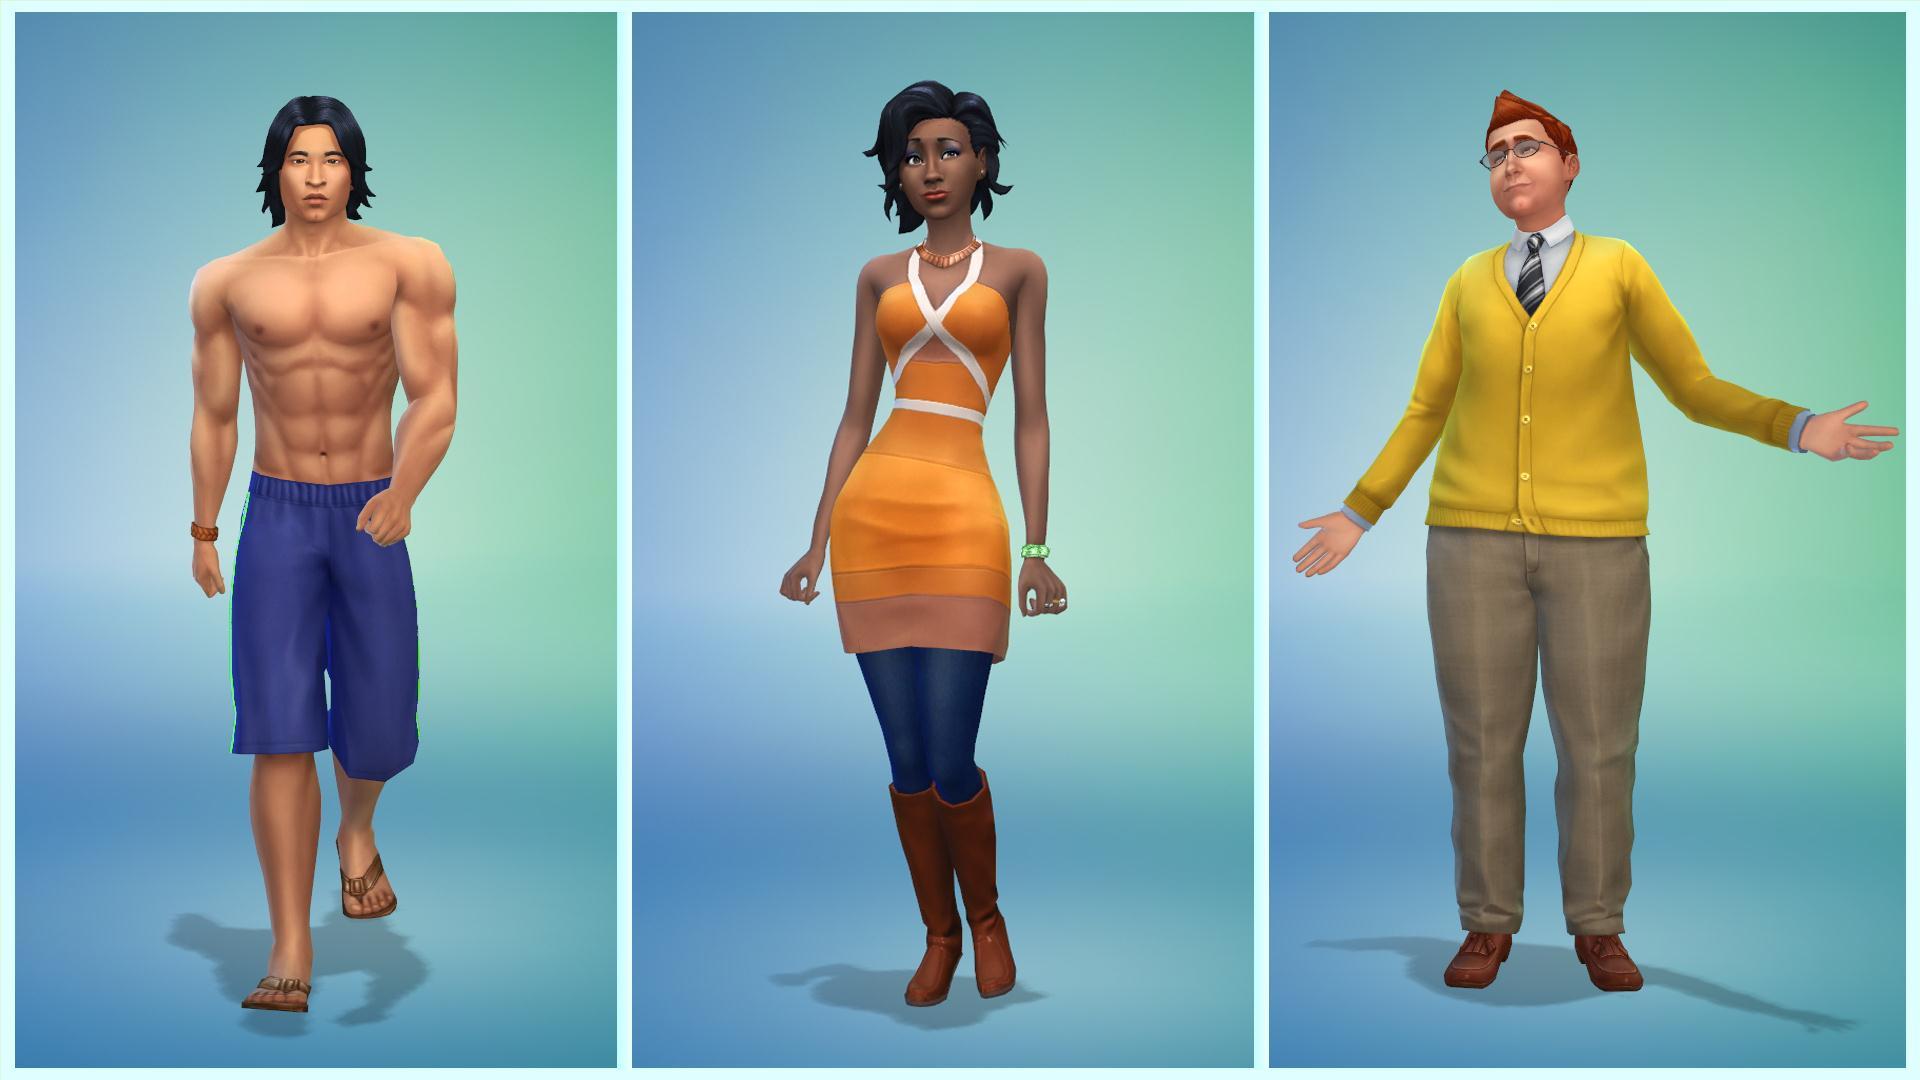 Die Sims 4 Ein Video Zeigt Die Demo Der Erstelle Einen Sim Funktion